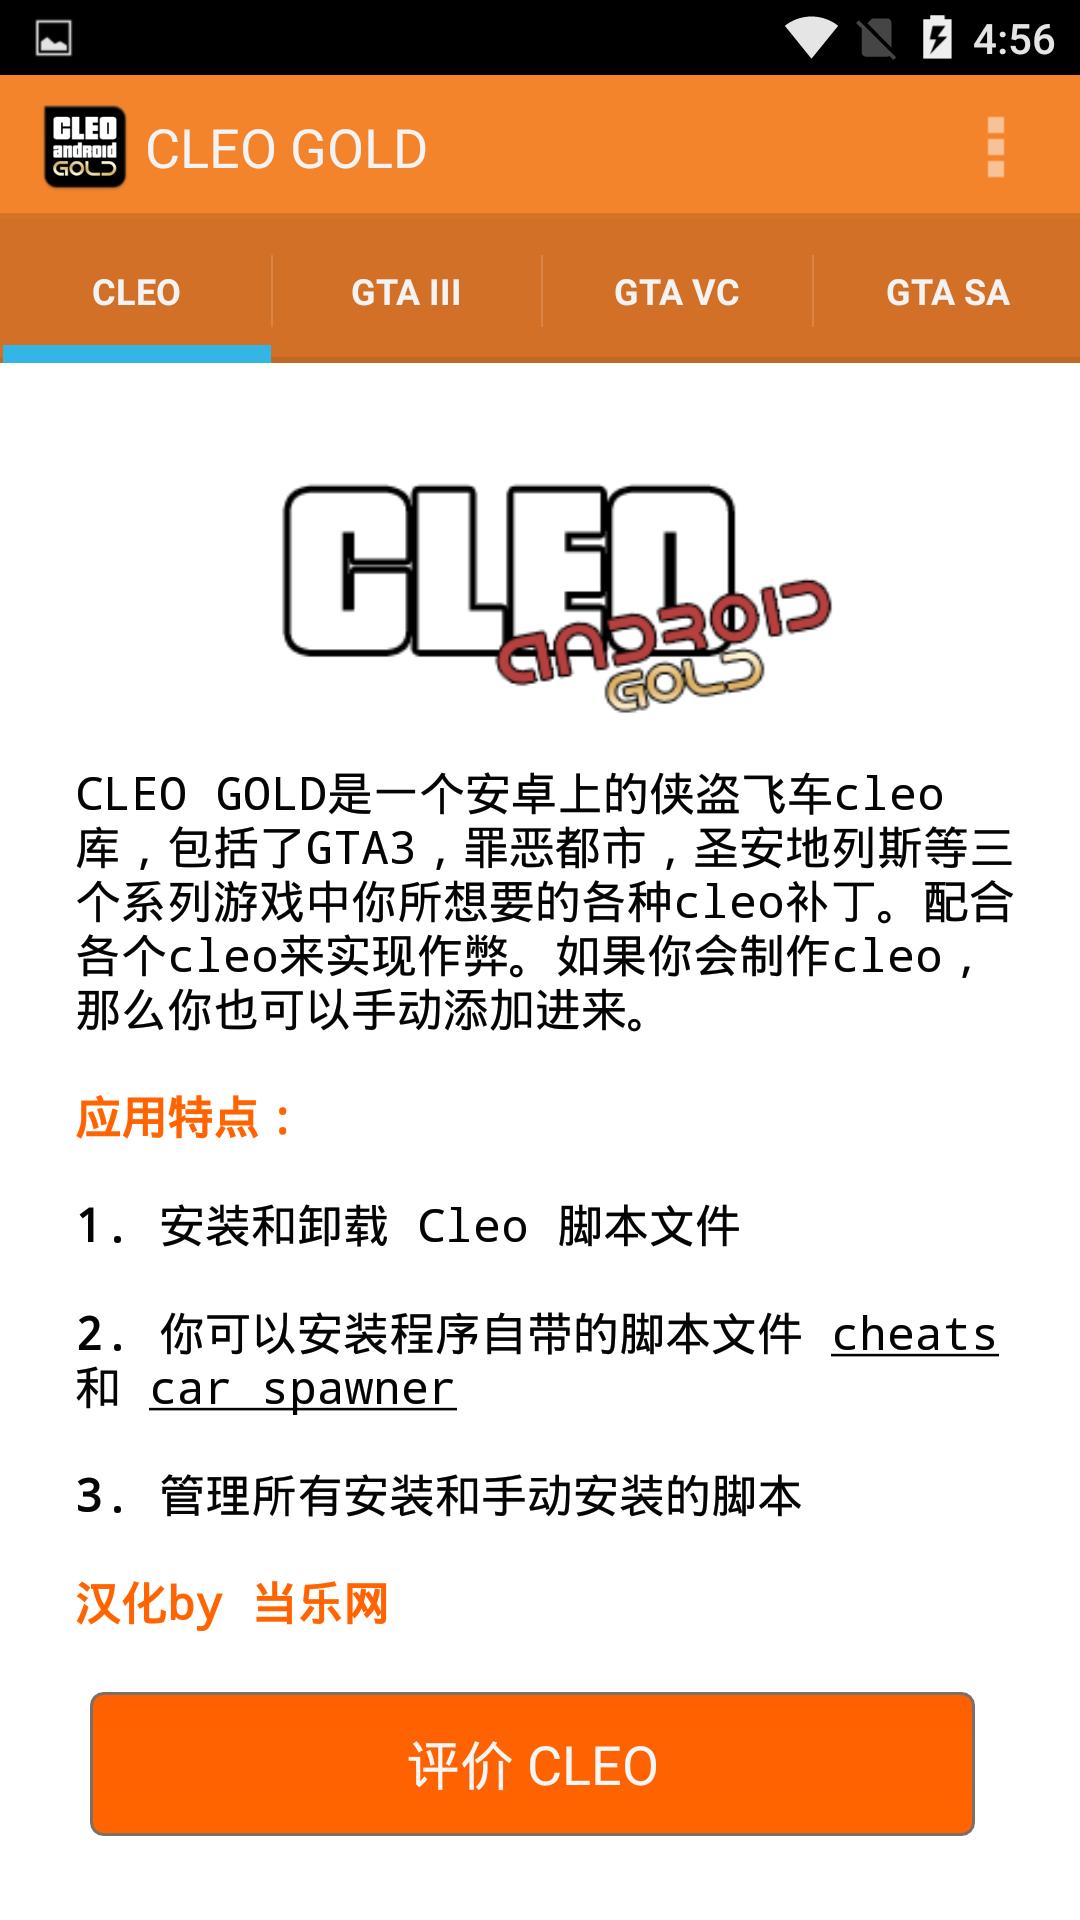 CLEO Gold漢化版(1)